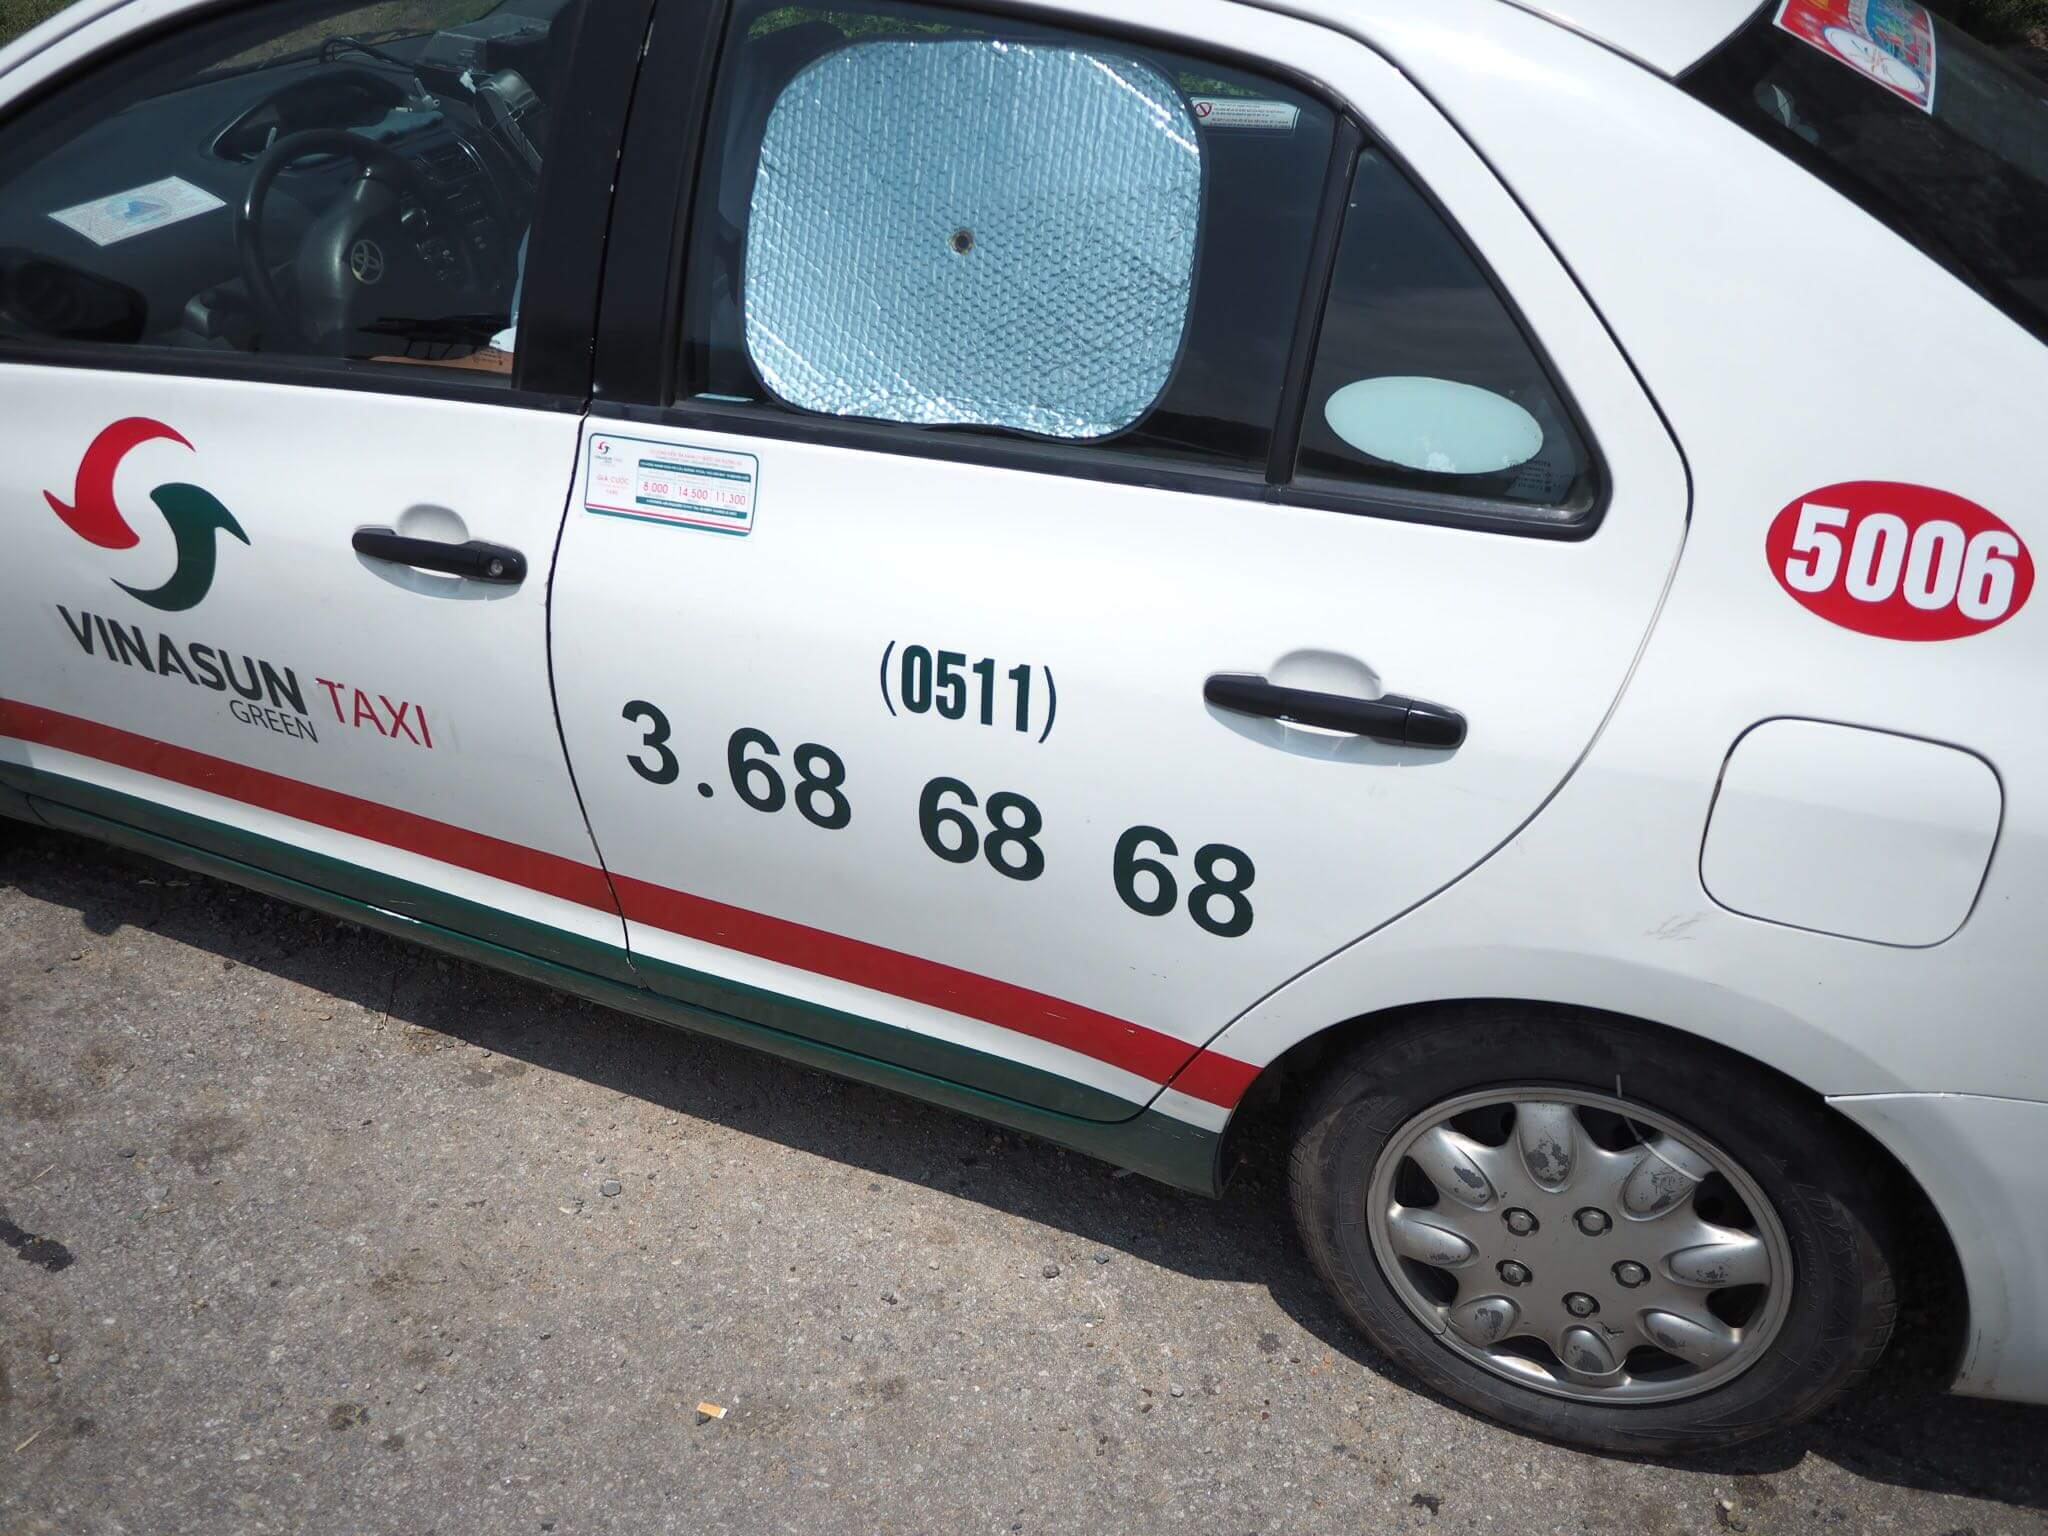 ダナン観光でタクシーをチャーターする方法 料金と交渉するコツを解説